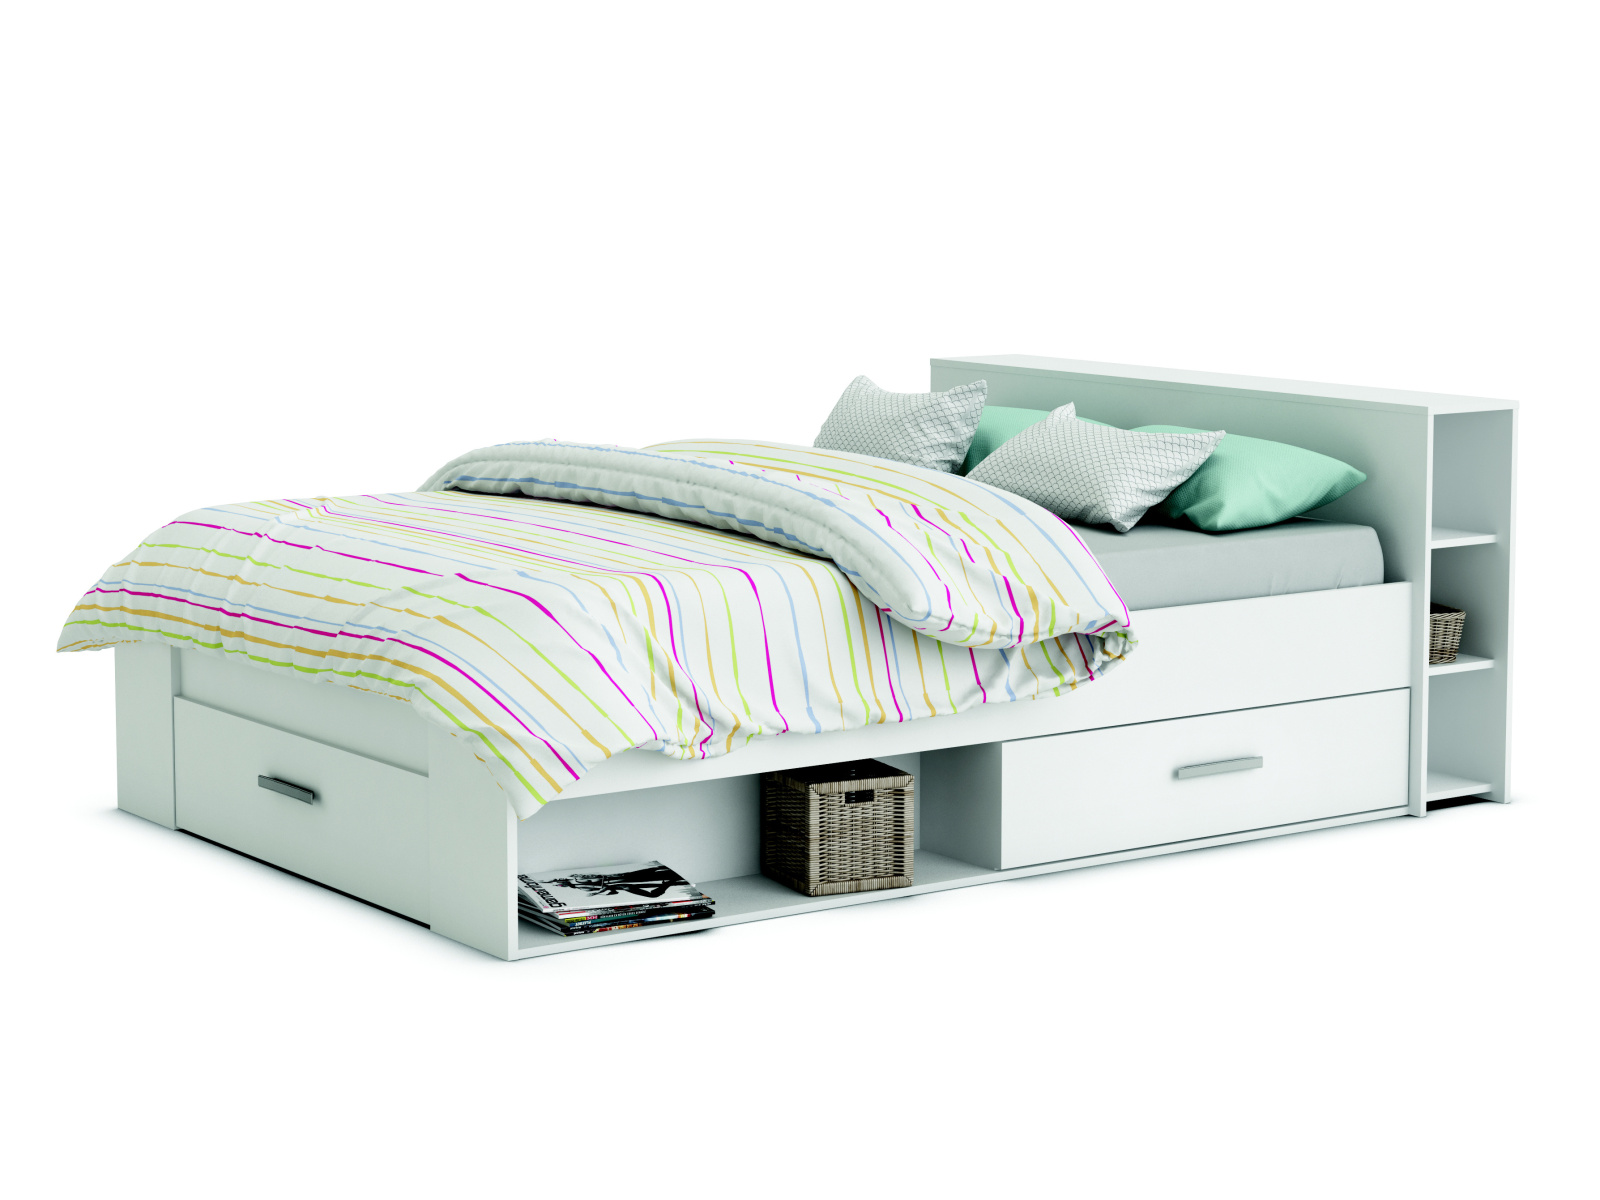 DEMEYERE POKET, postel 140x200 cm, bílá